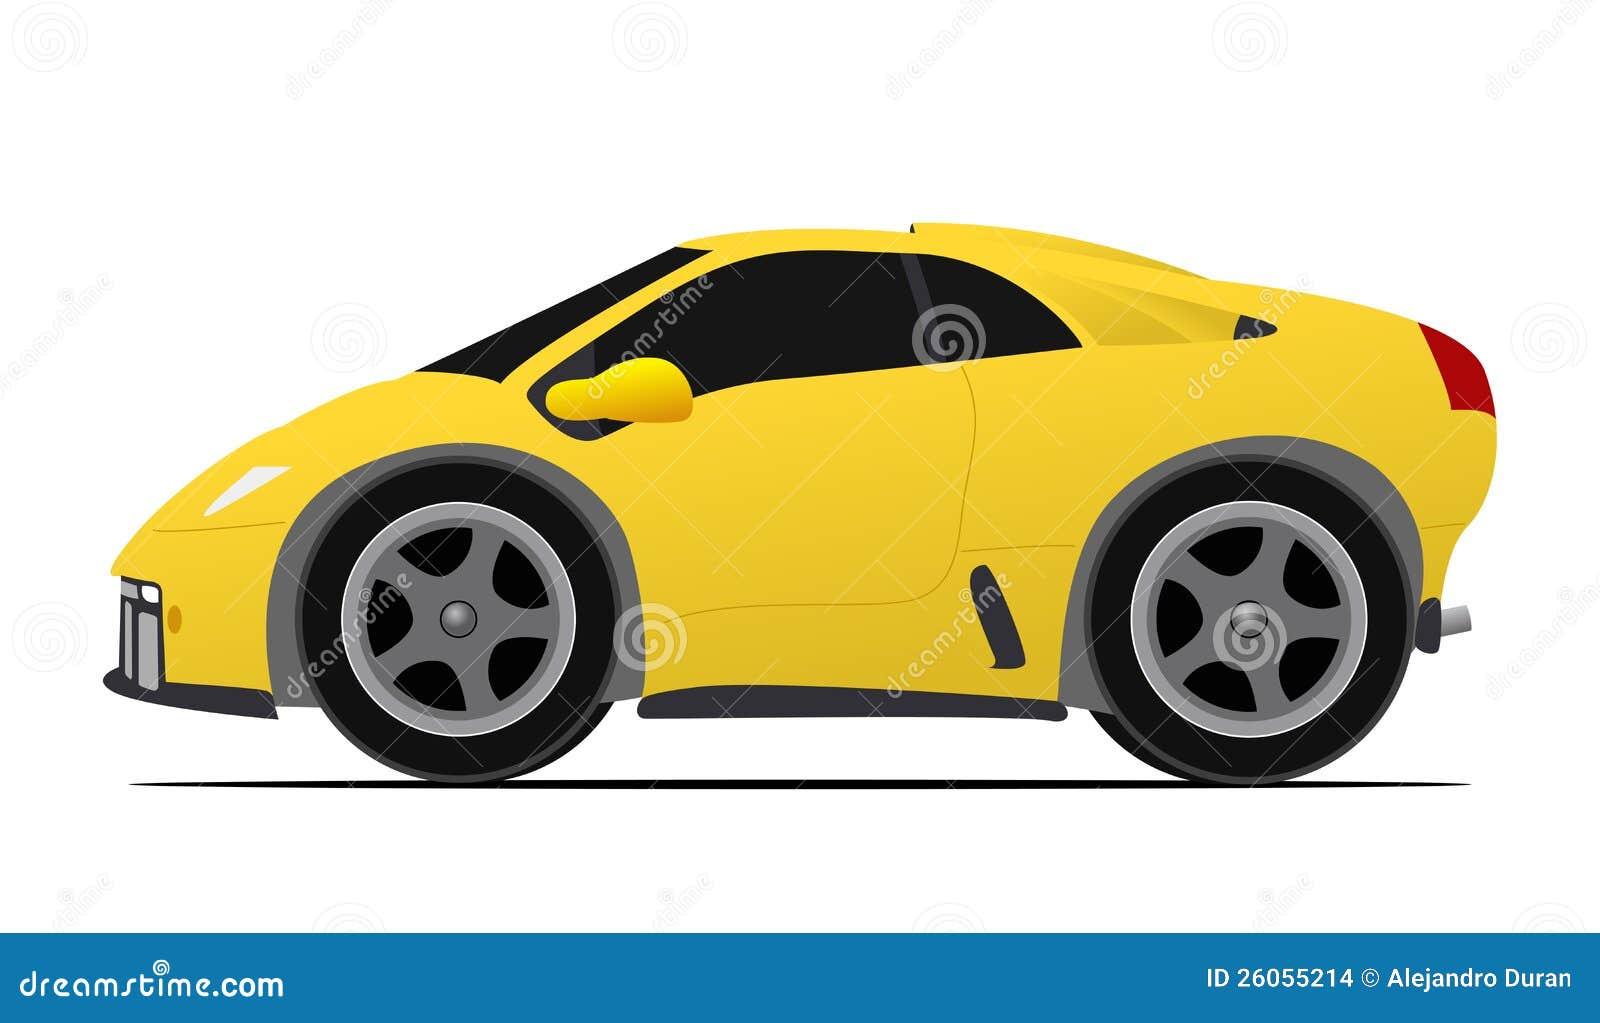 Macchina Da Corsa Gialla Immagini Stock - Immagine: 26055214